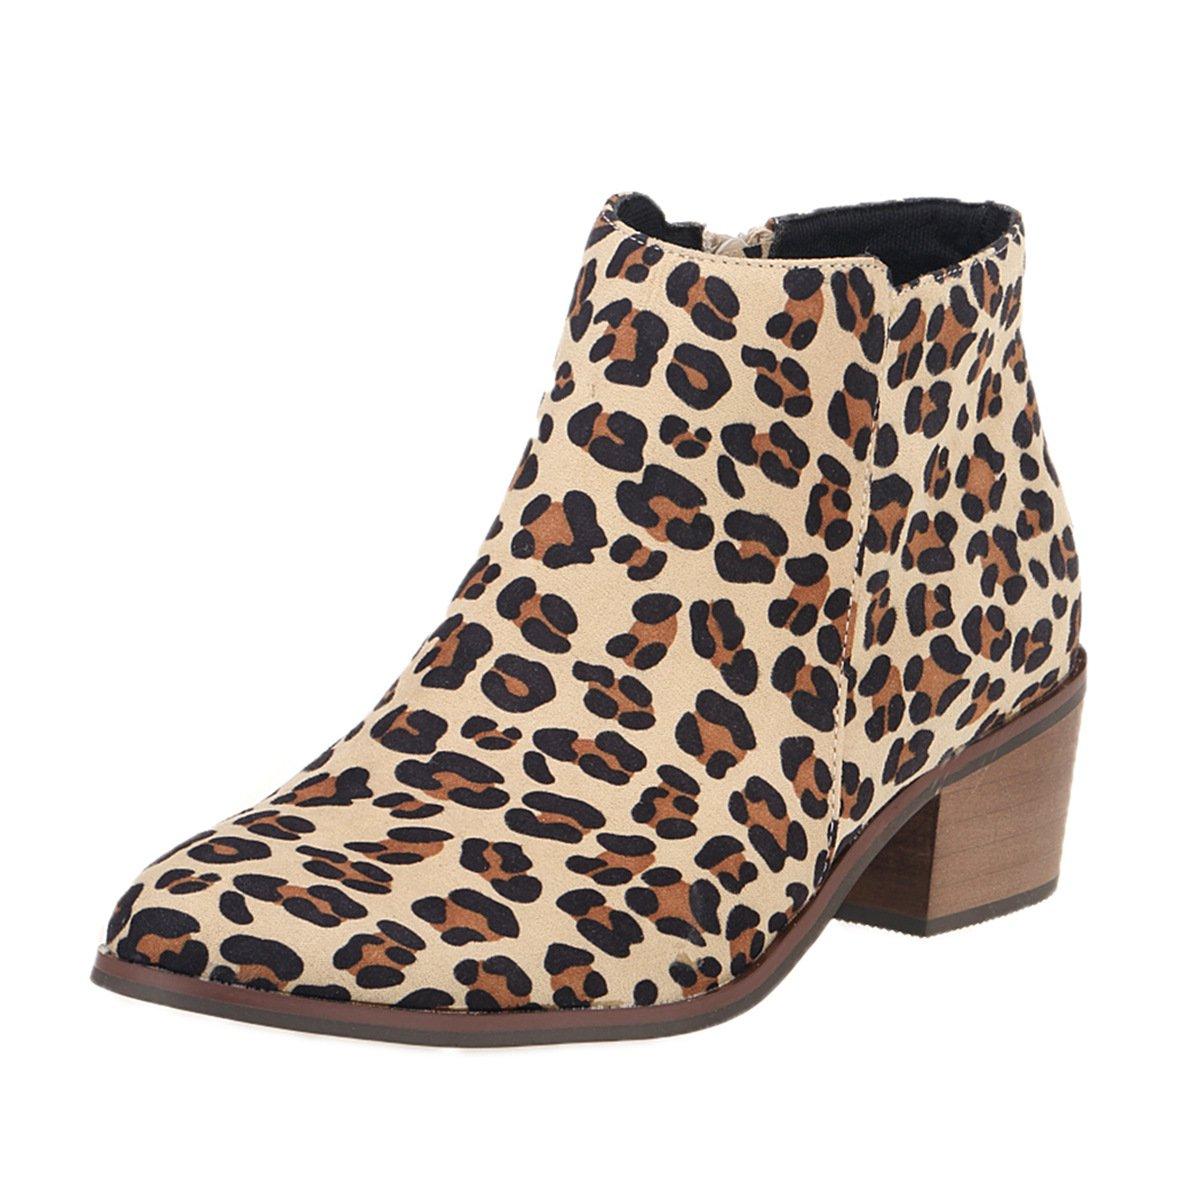 DYF Frauen Schuhe Kurze Stiefel Farbe Größe Scharfe Rauhe Ferse Reißverschluss Muster FLA 37